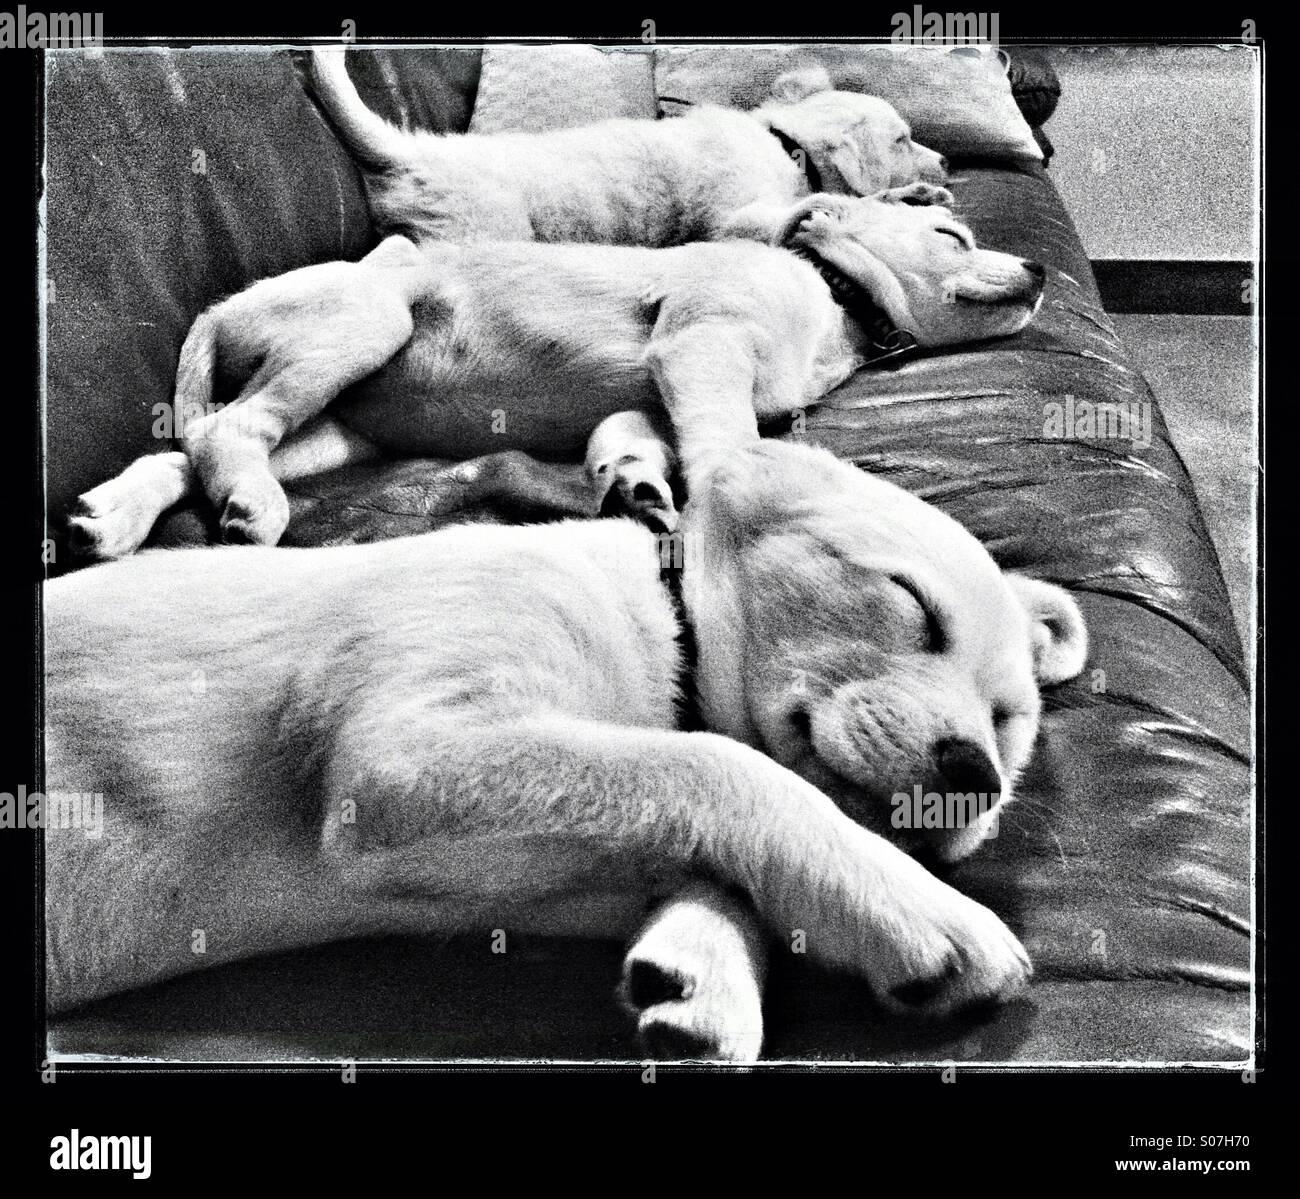 Fuera Tuckered cachorros a la hora de la siesta. Imagen De Stock